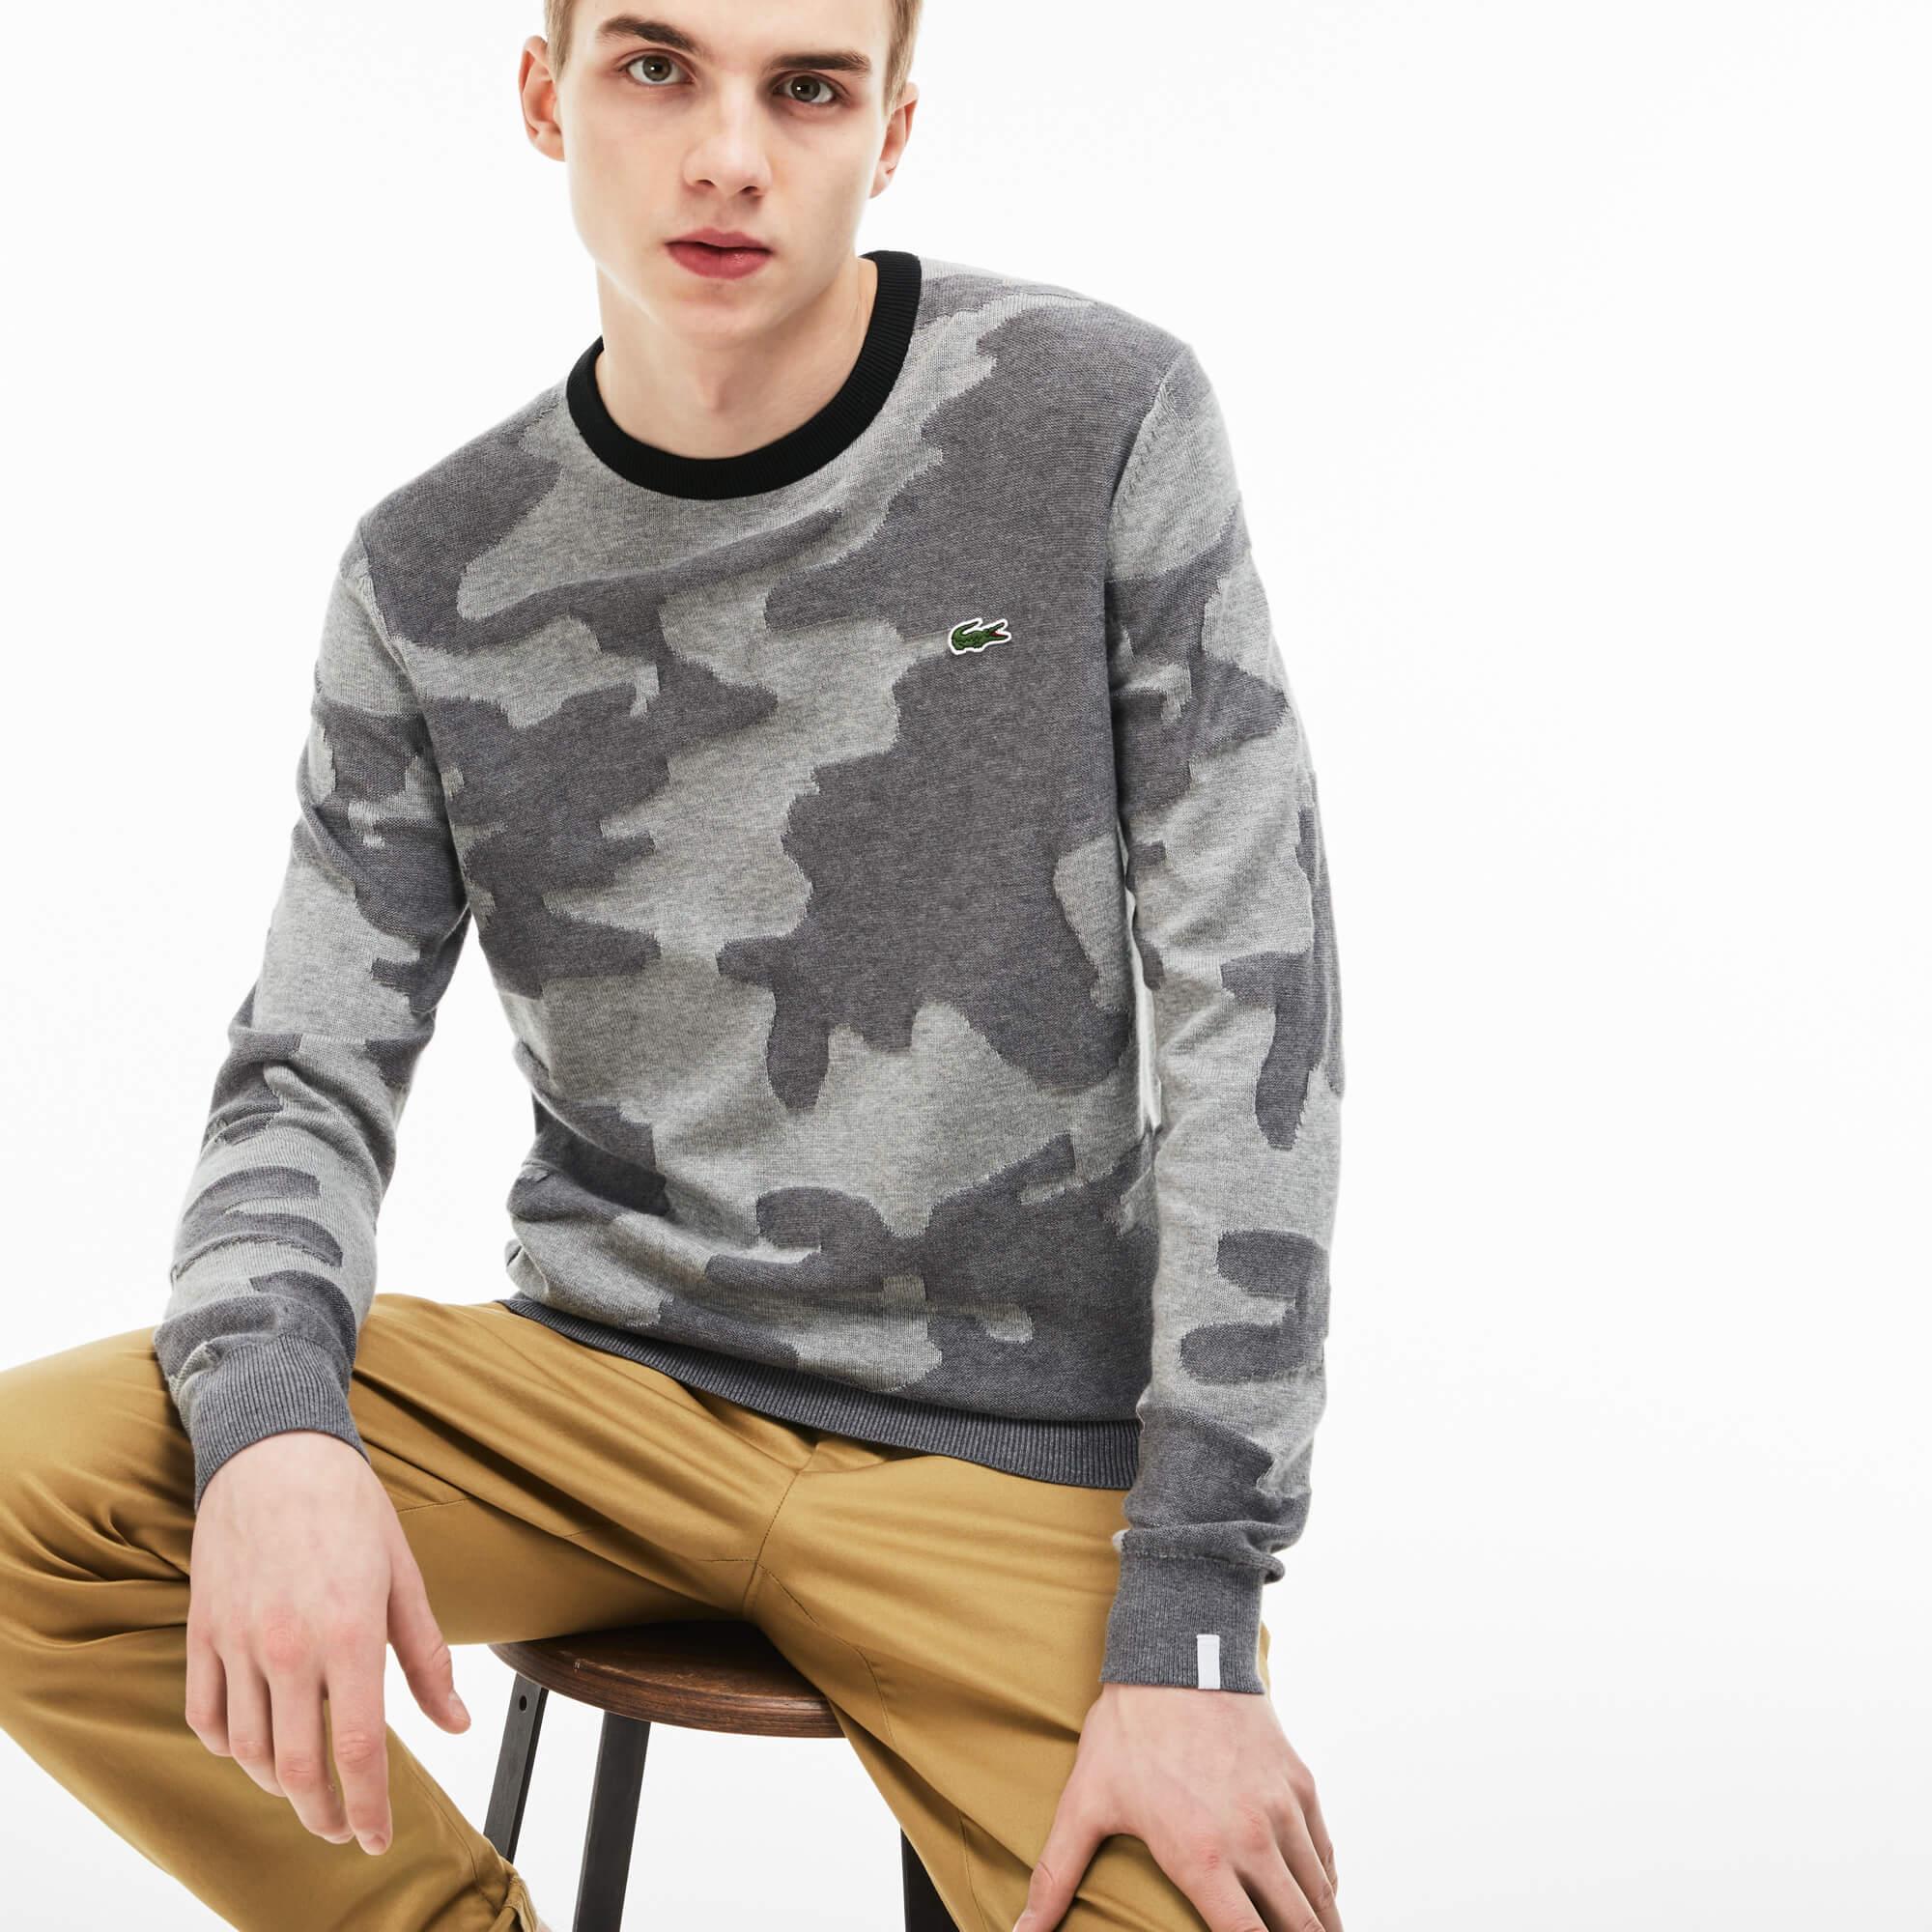 Свитер LacosteСвитеры<br>Детали: мужской свитер с принтом  \ Материал: 100% хлопок 91% хлопок 8% полиамид 1% эластан \ Страна производства: Гонконг